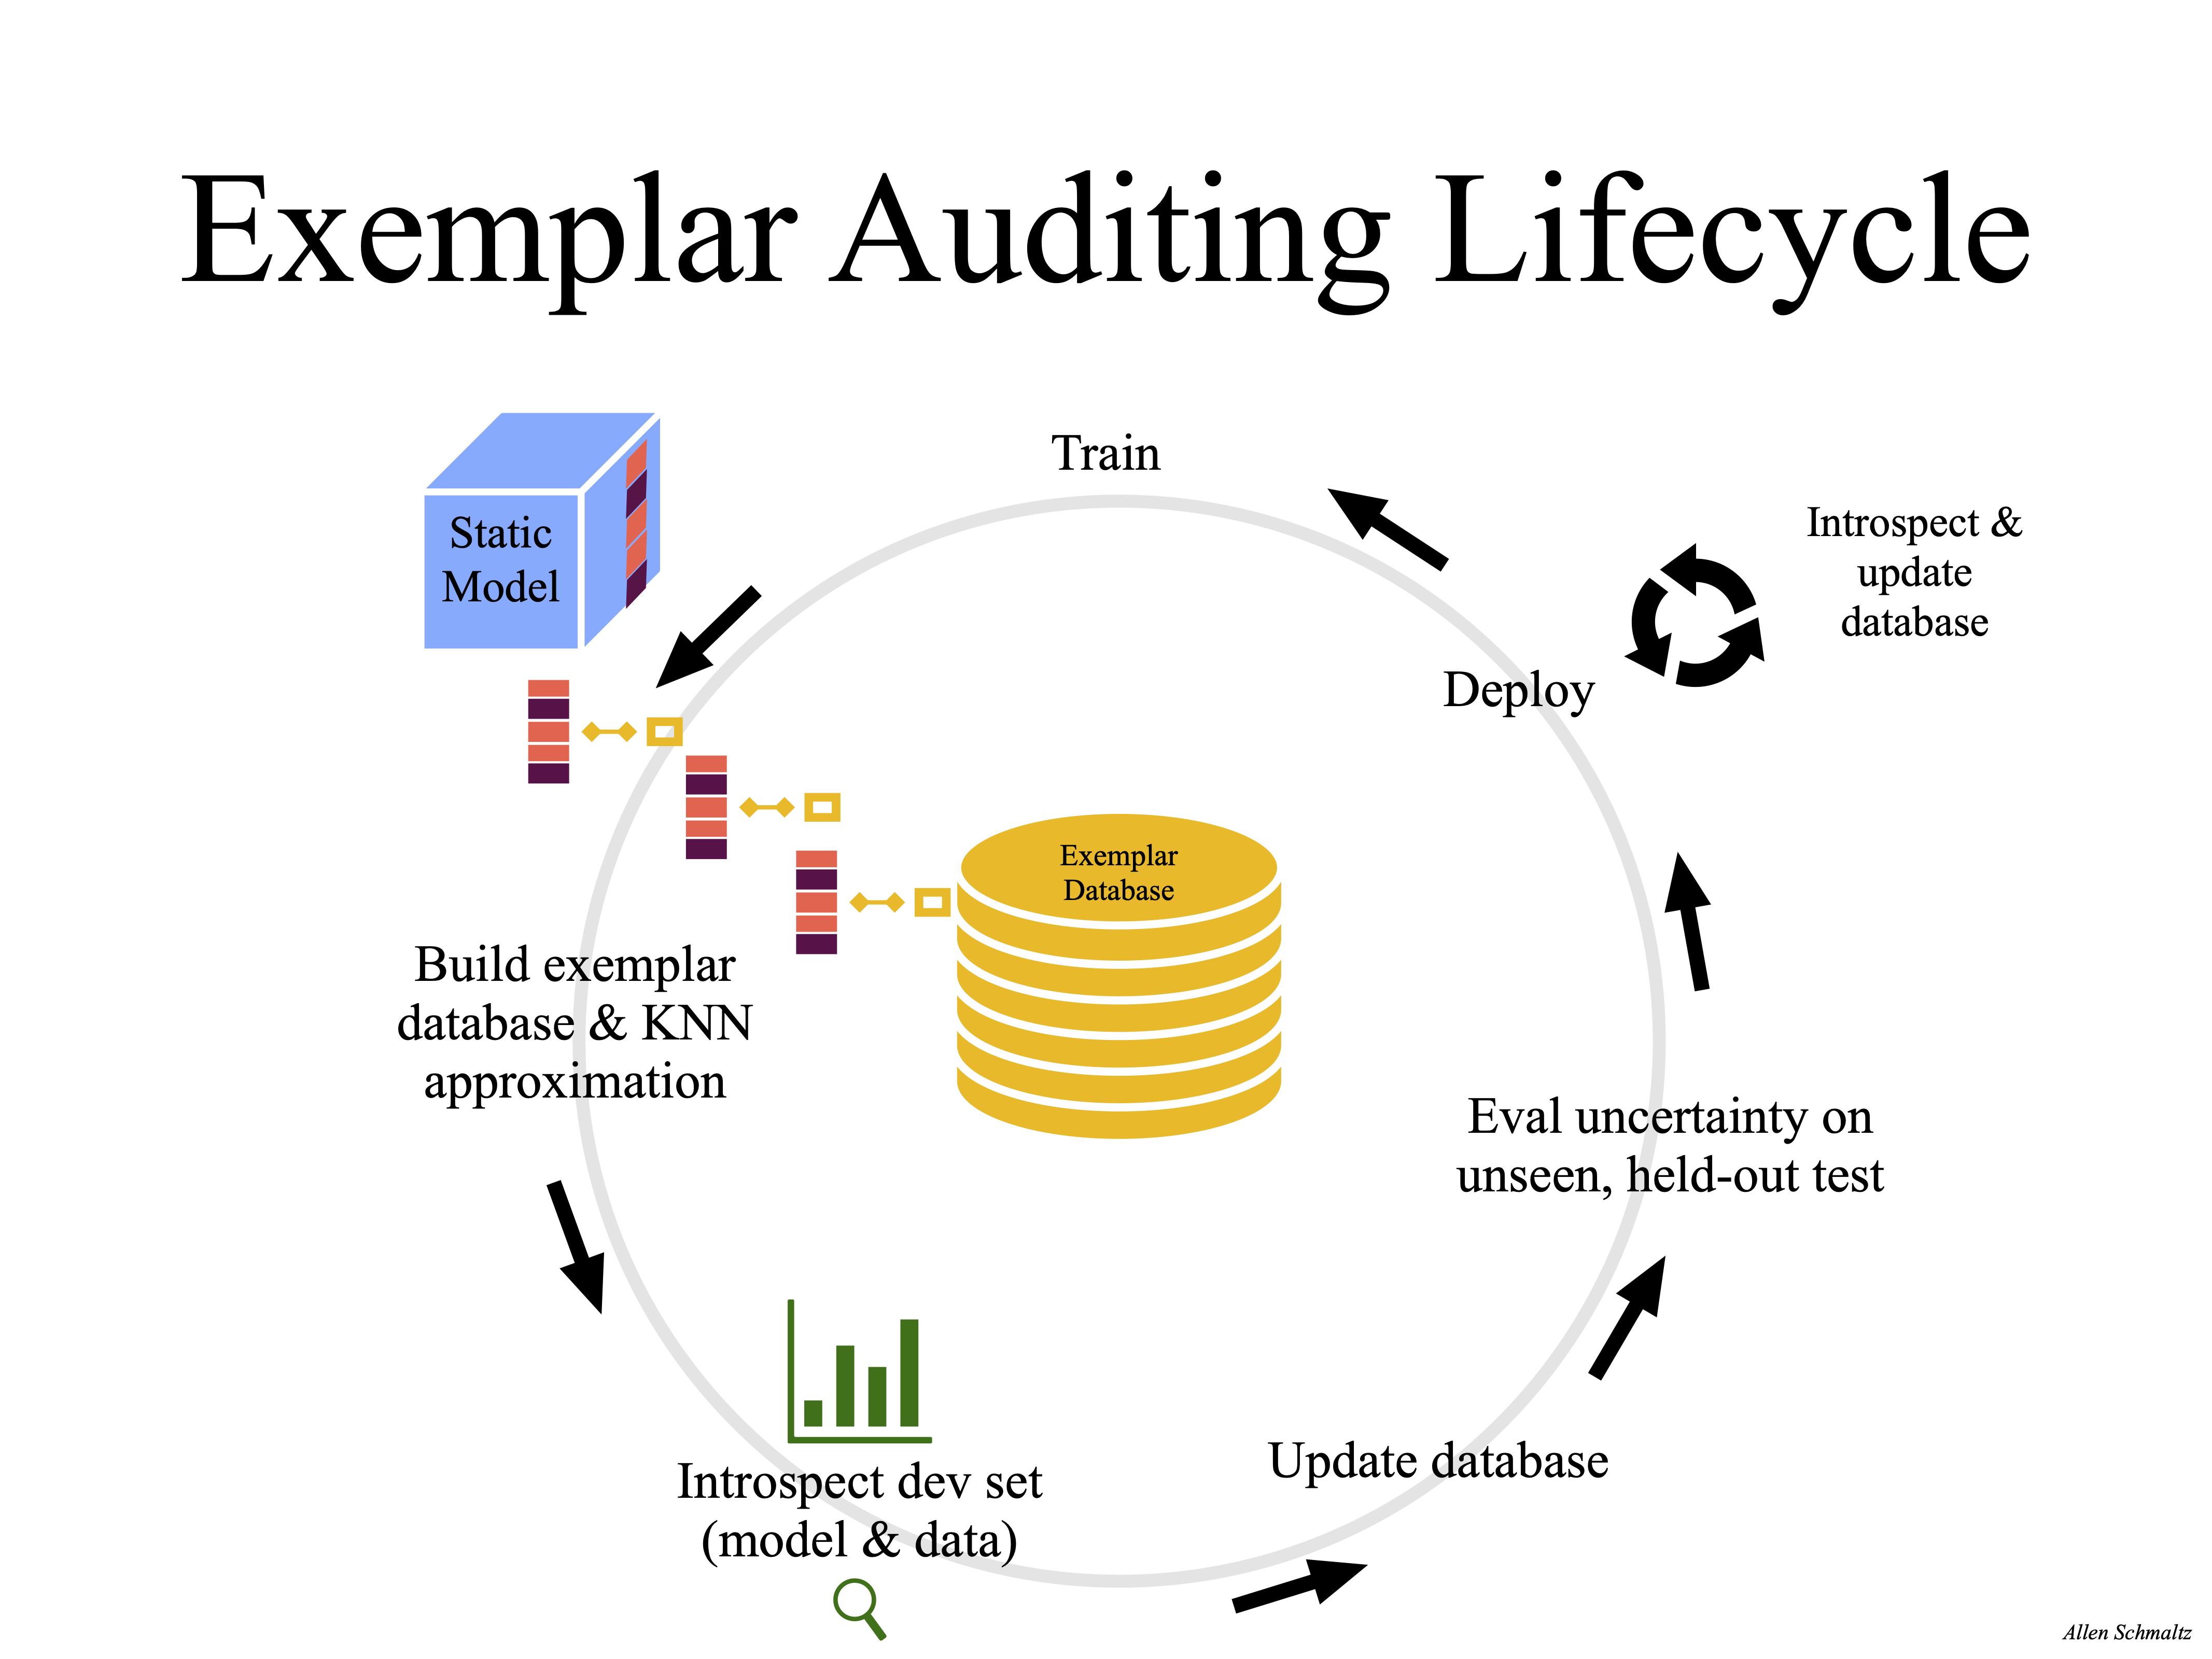 Exemplar Auditing Lifecycle